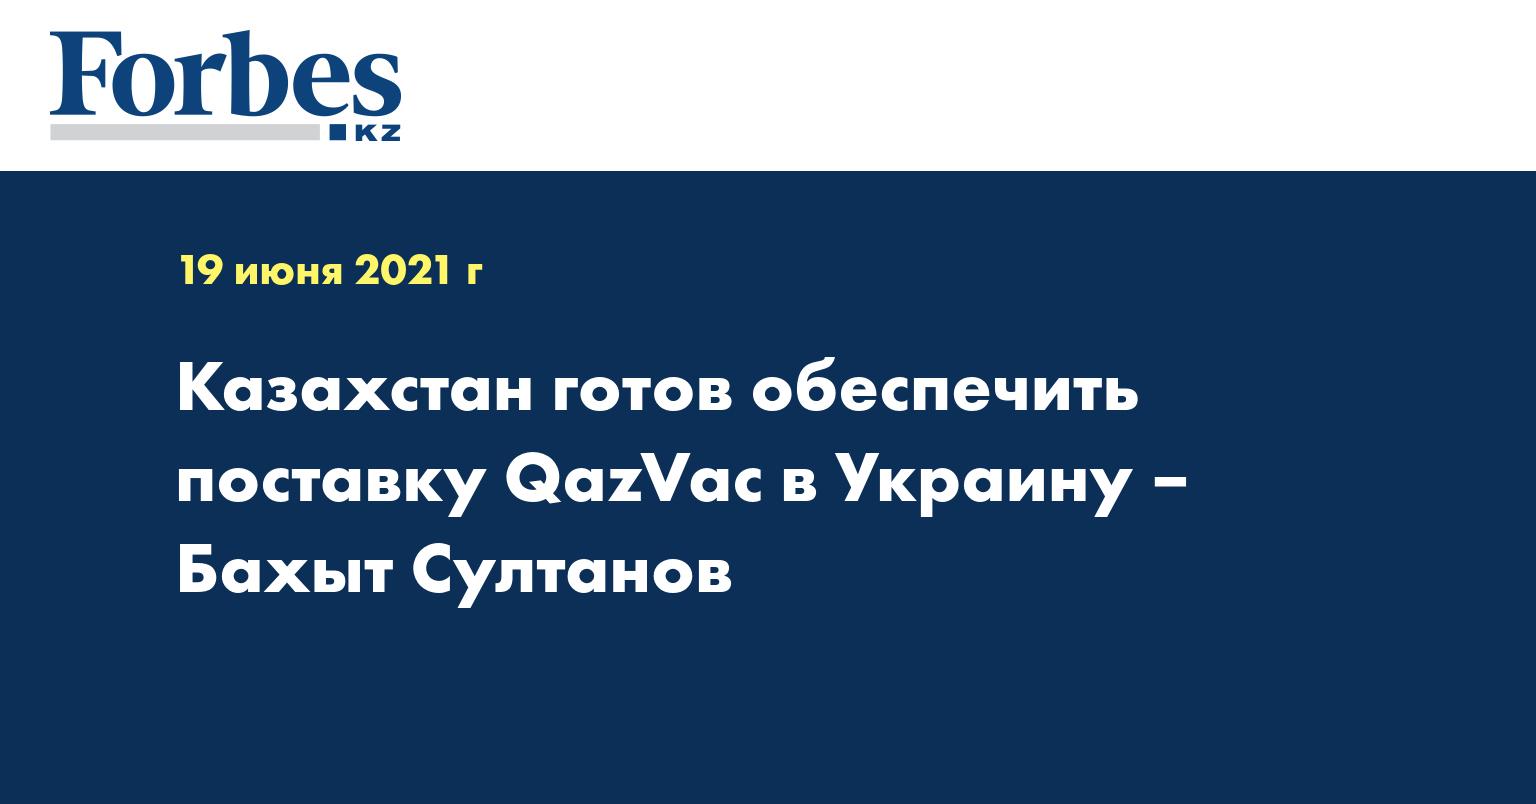 Казахстан готов обеспечить поставку QazVac в Украину – Бахыт Султанов